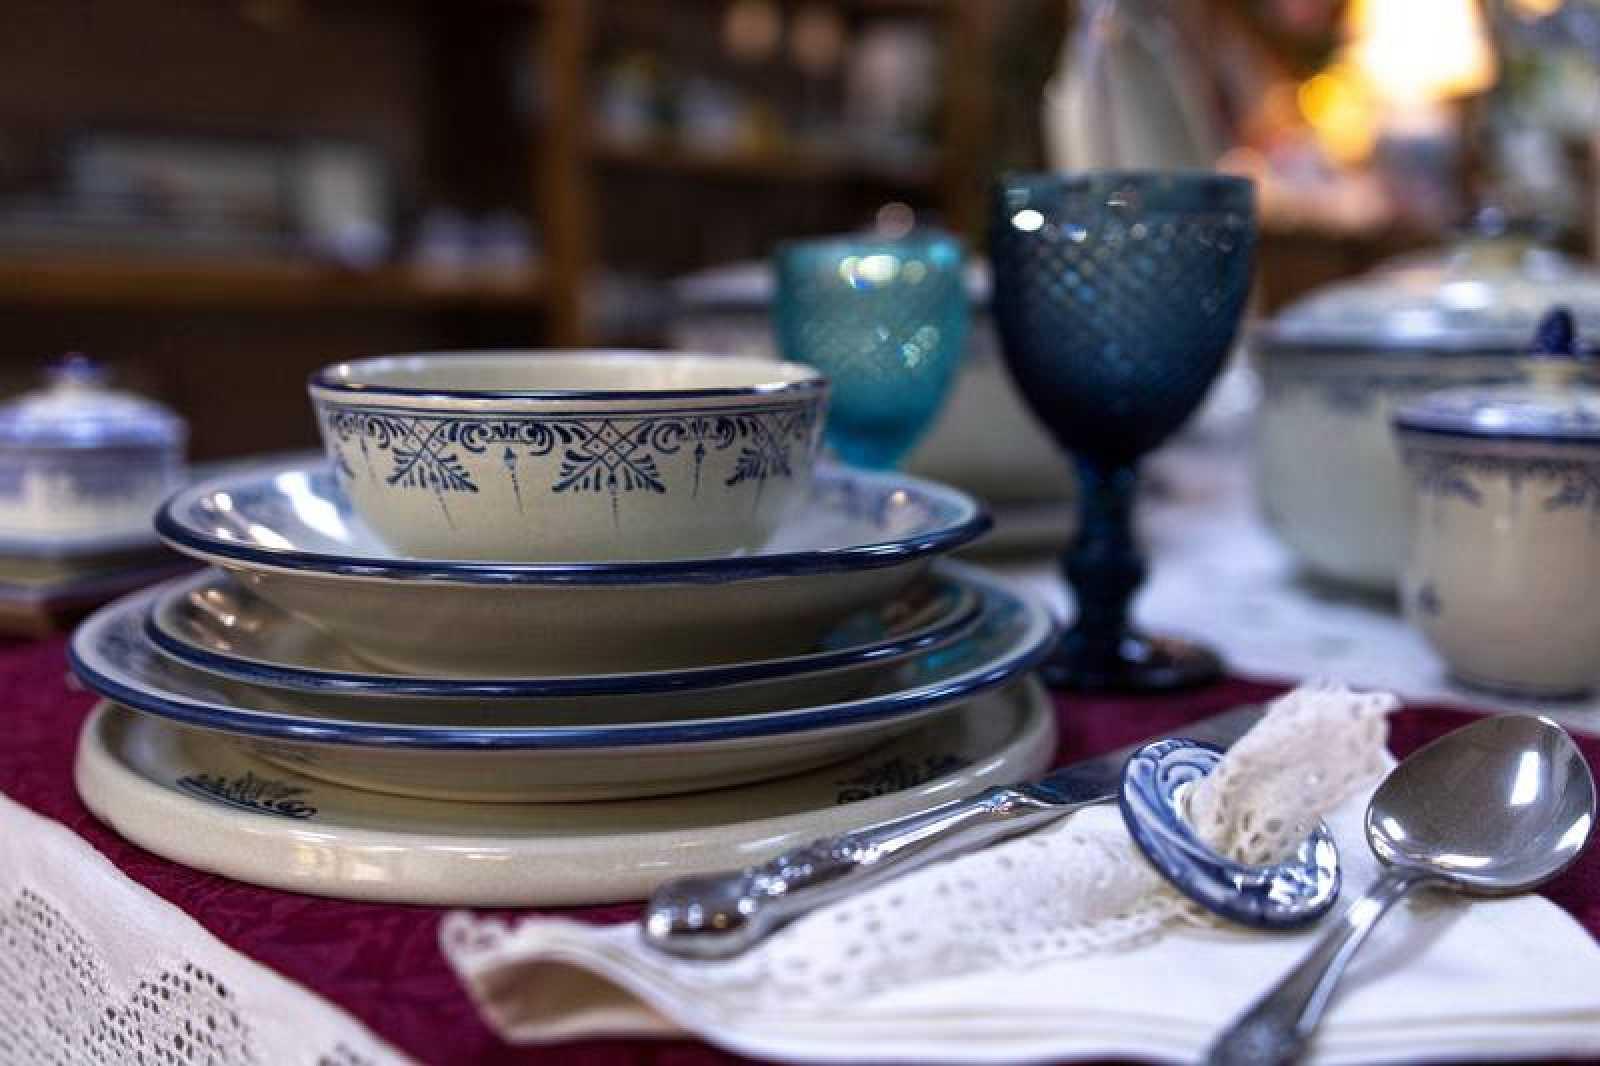 La cerámica de Talavera, una seña de identidad a ambos lados del Atlántico